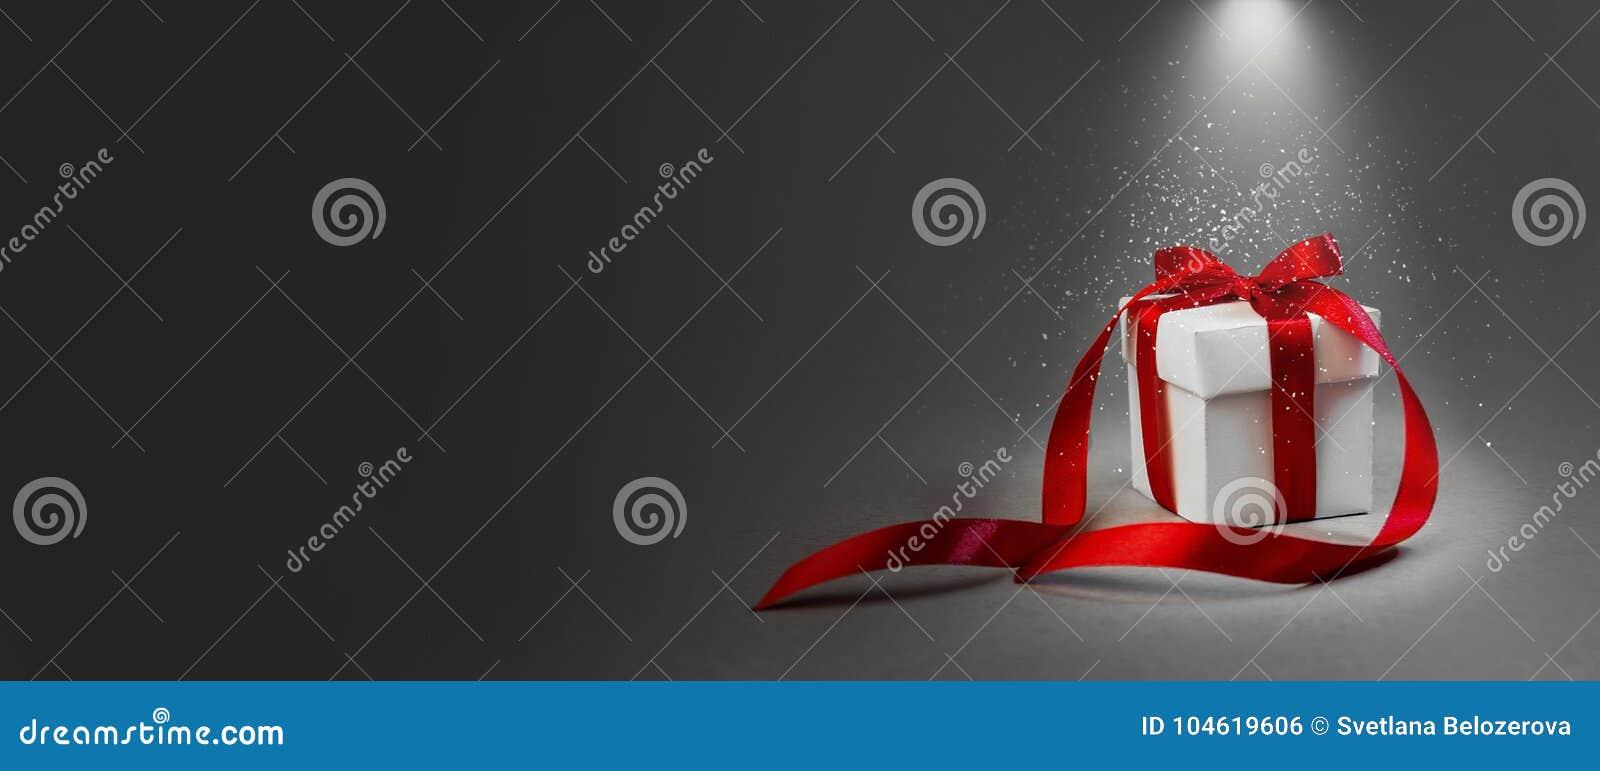 Χριστουγέννων δώρων άσπρο κιβωτίων κόκκινο κορδελλών σκοτεινό γκρίζο υποβάθρου έννοιας φωτισμένο νύχτα έμβλημα σύνθεσης διακοπών